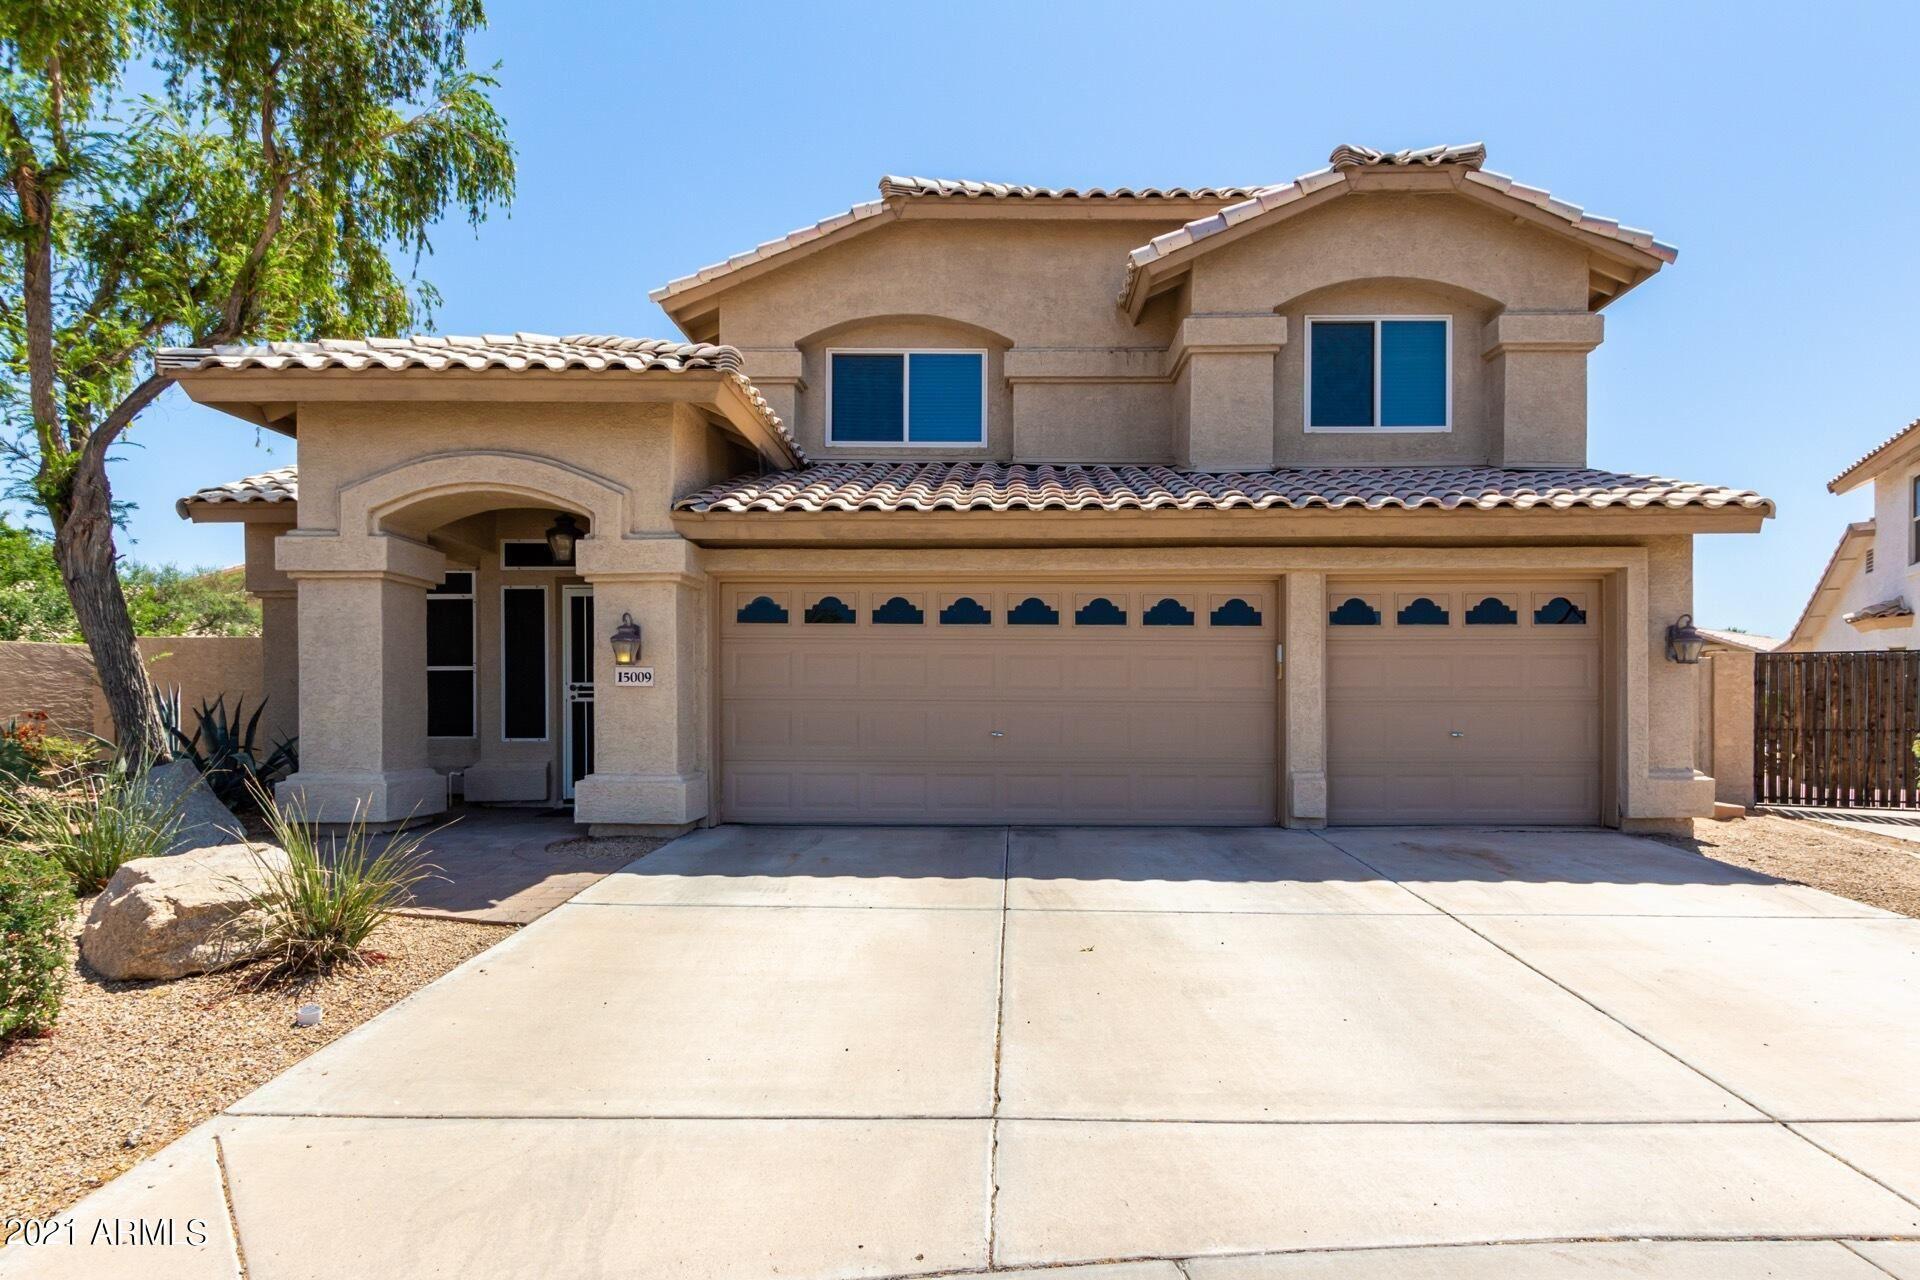 15009 S 40TH Way, Phoenix, AZ 85044 - MLS#: 6244990